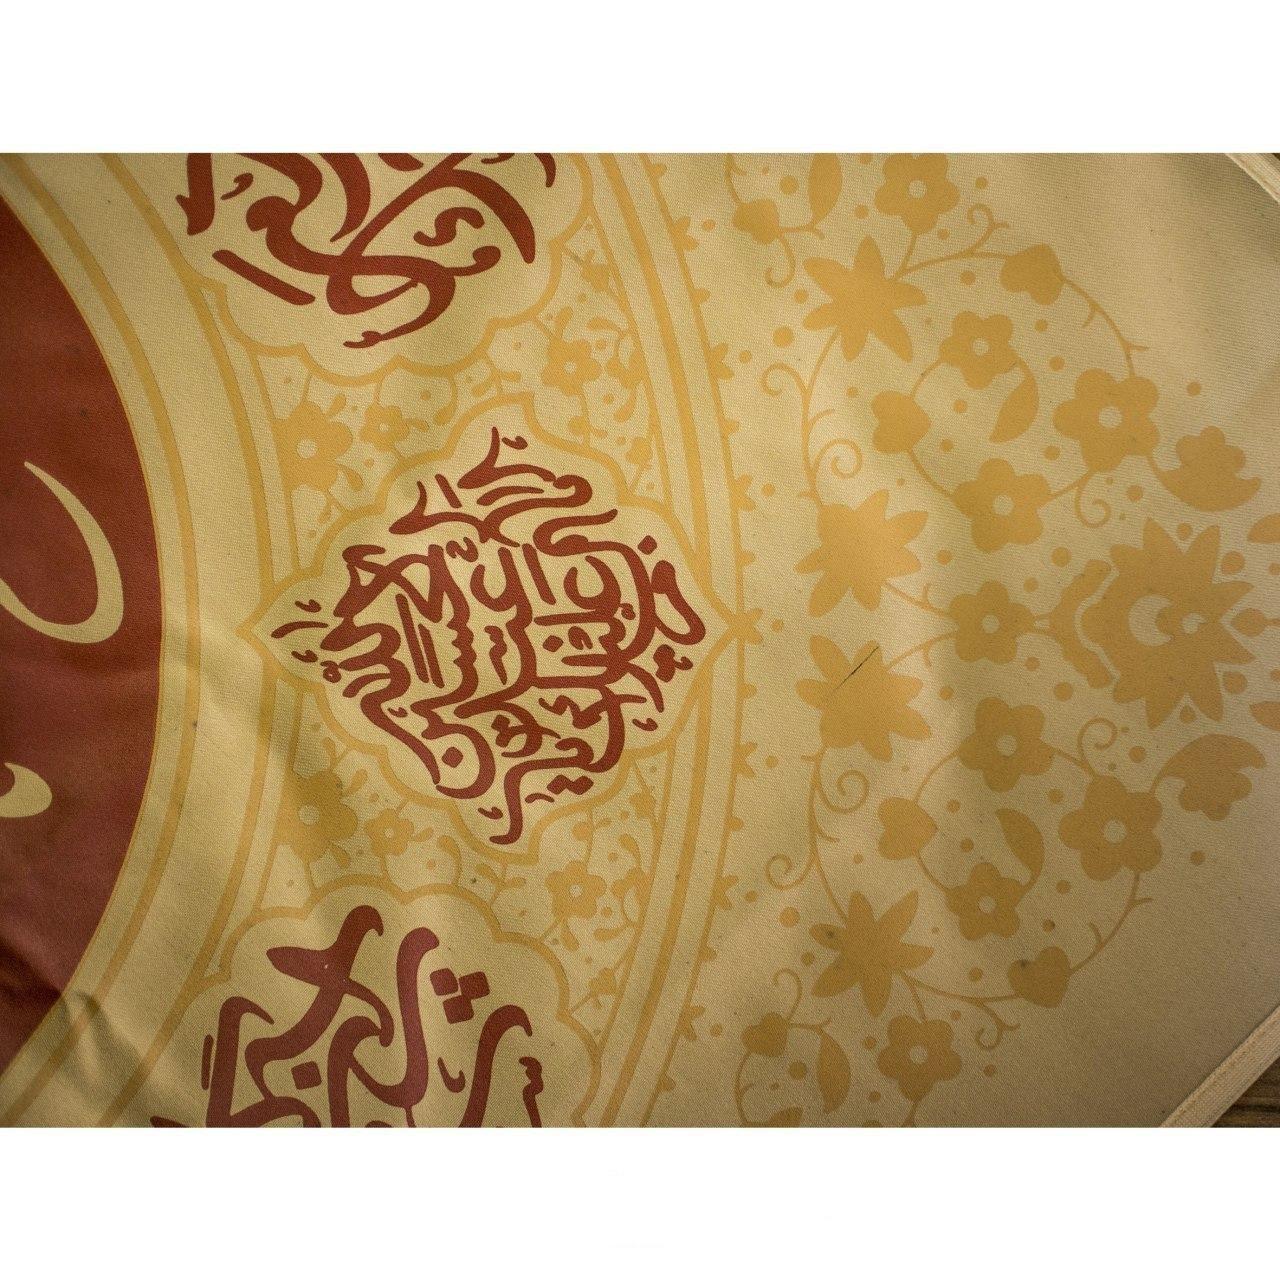 تصویر از بیرق اشک لوزی طرح «یا رقیه» پارچه کجراه  ۷۵×۷۵ سانتیمتر